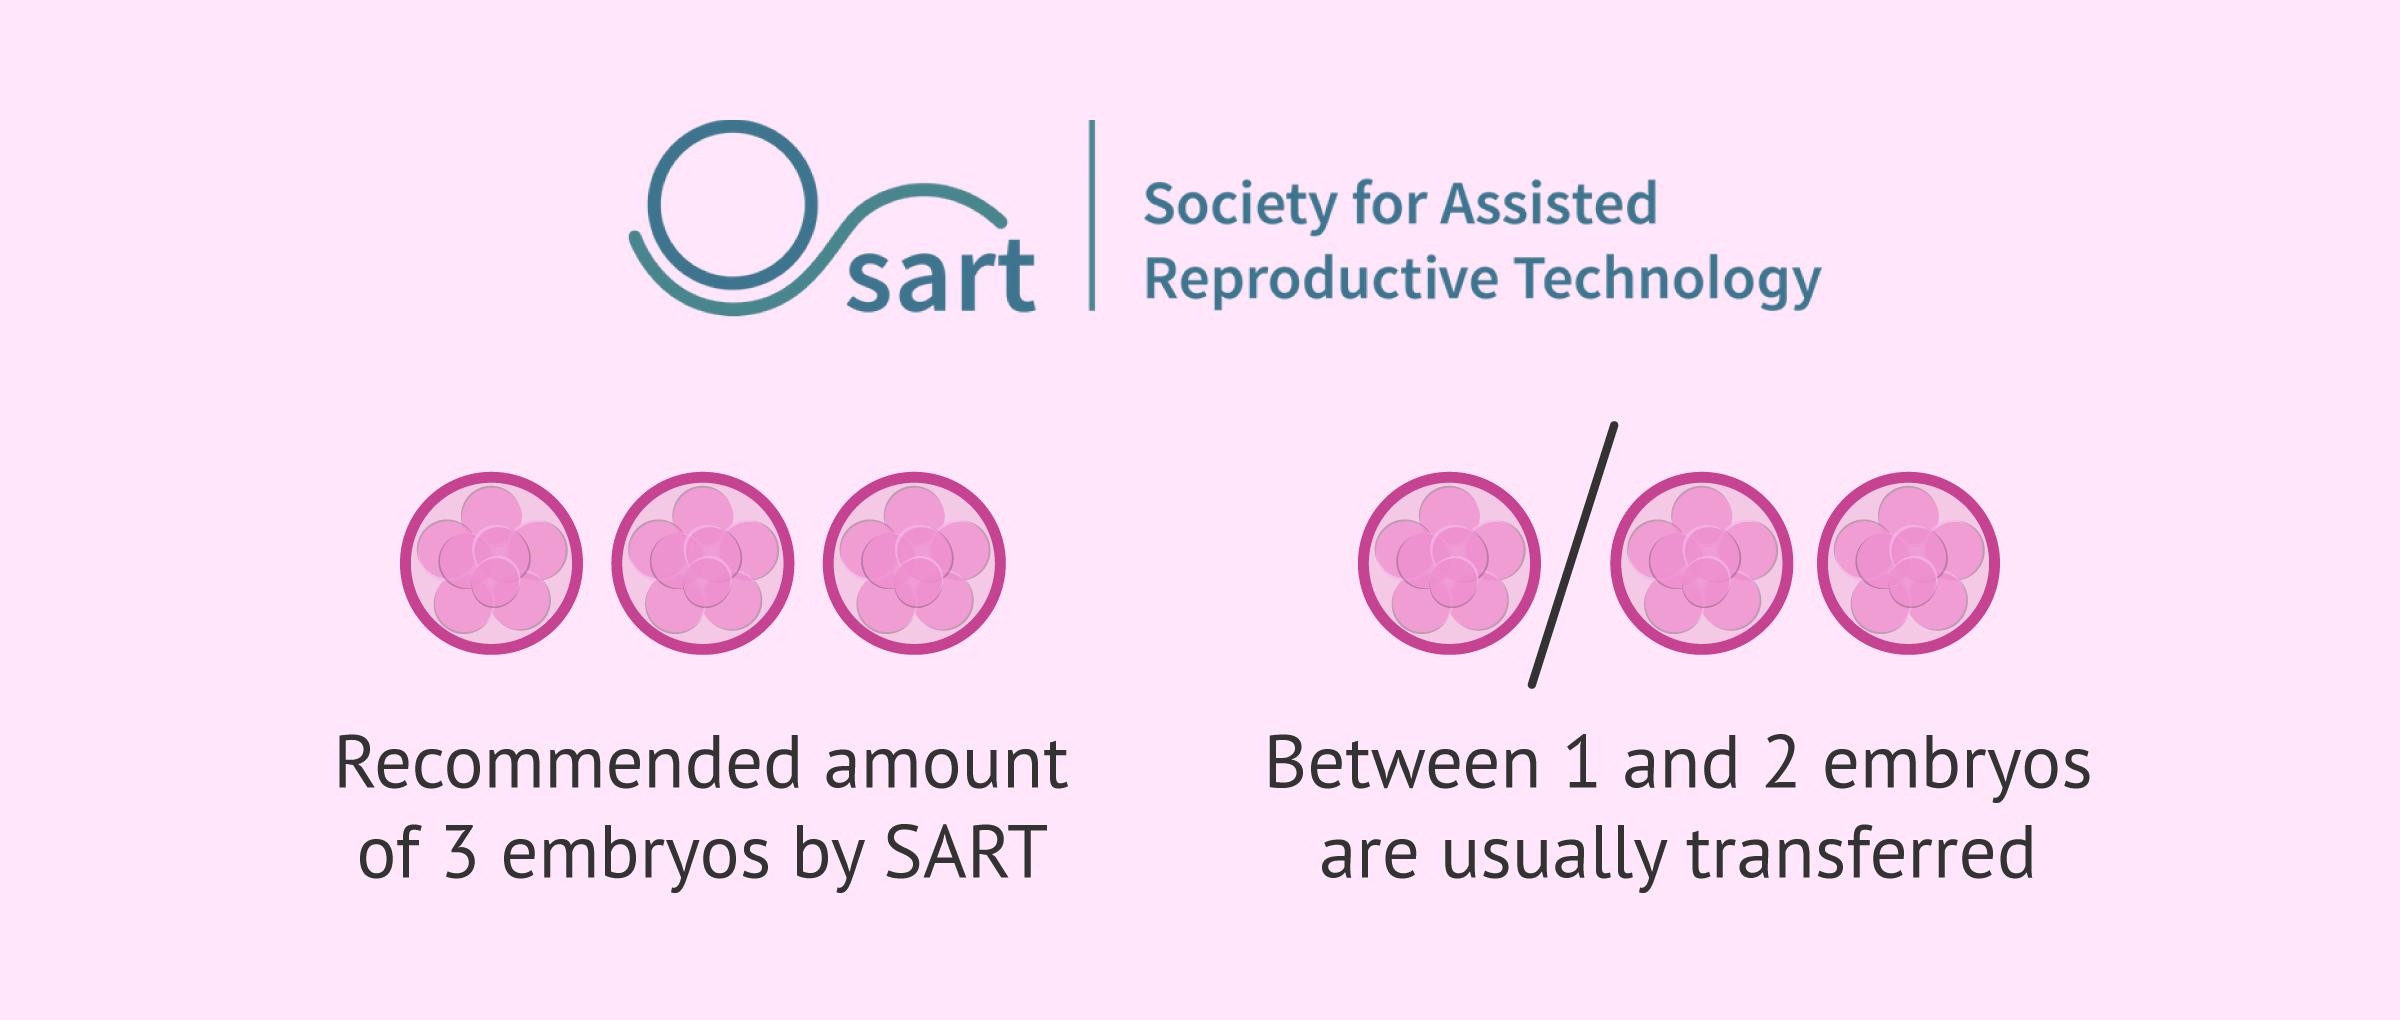 How many embryos are usually transferred?